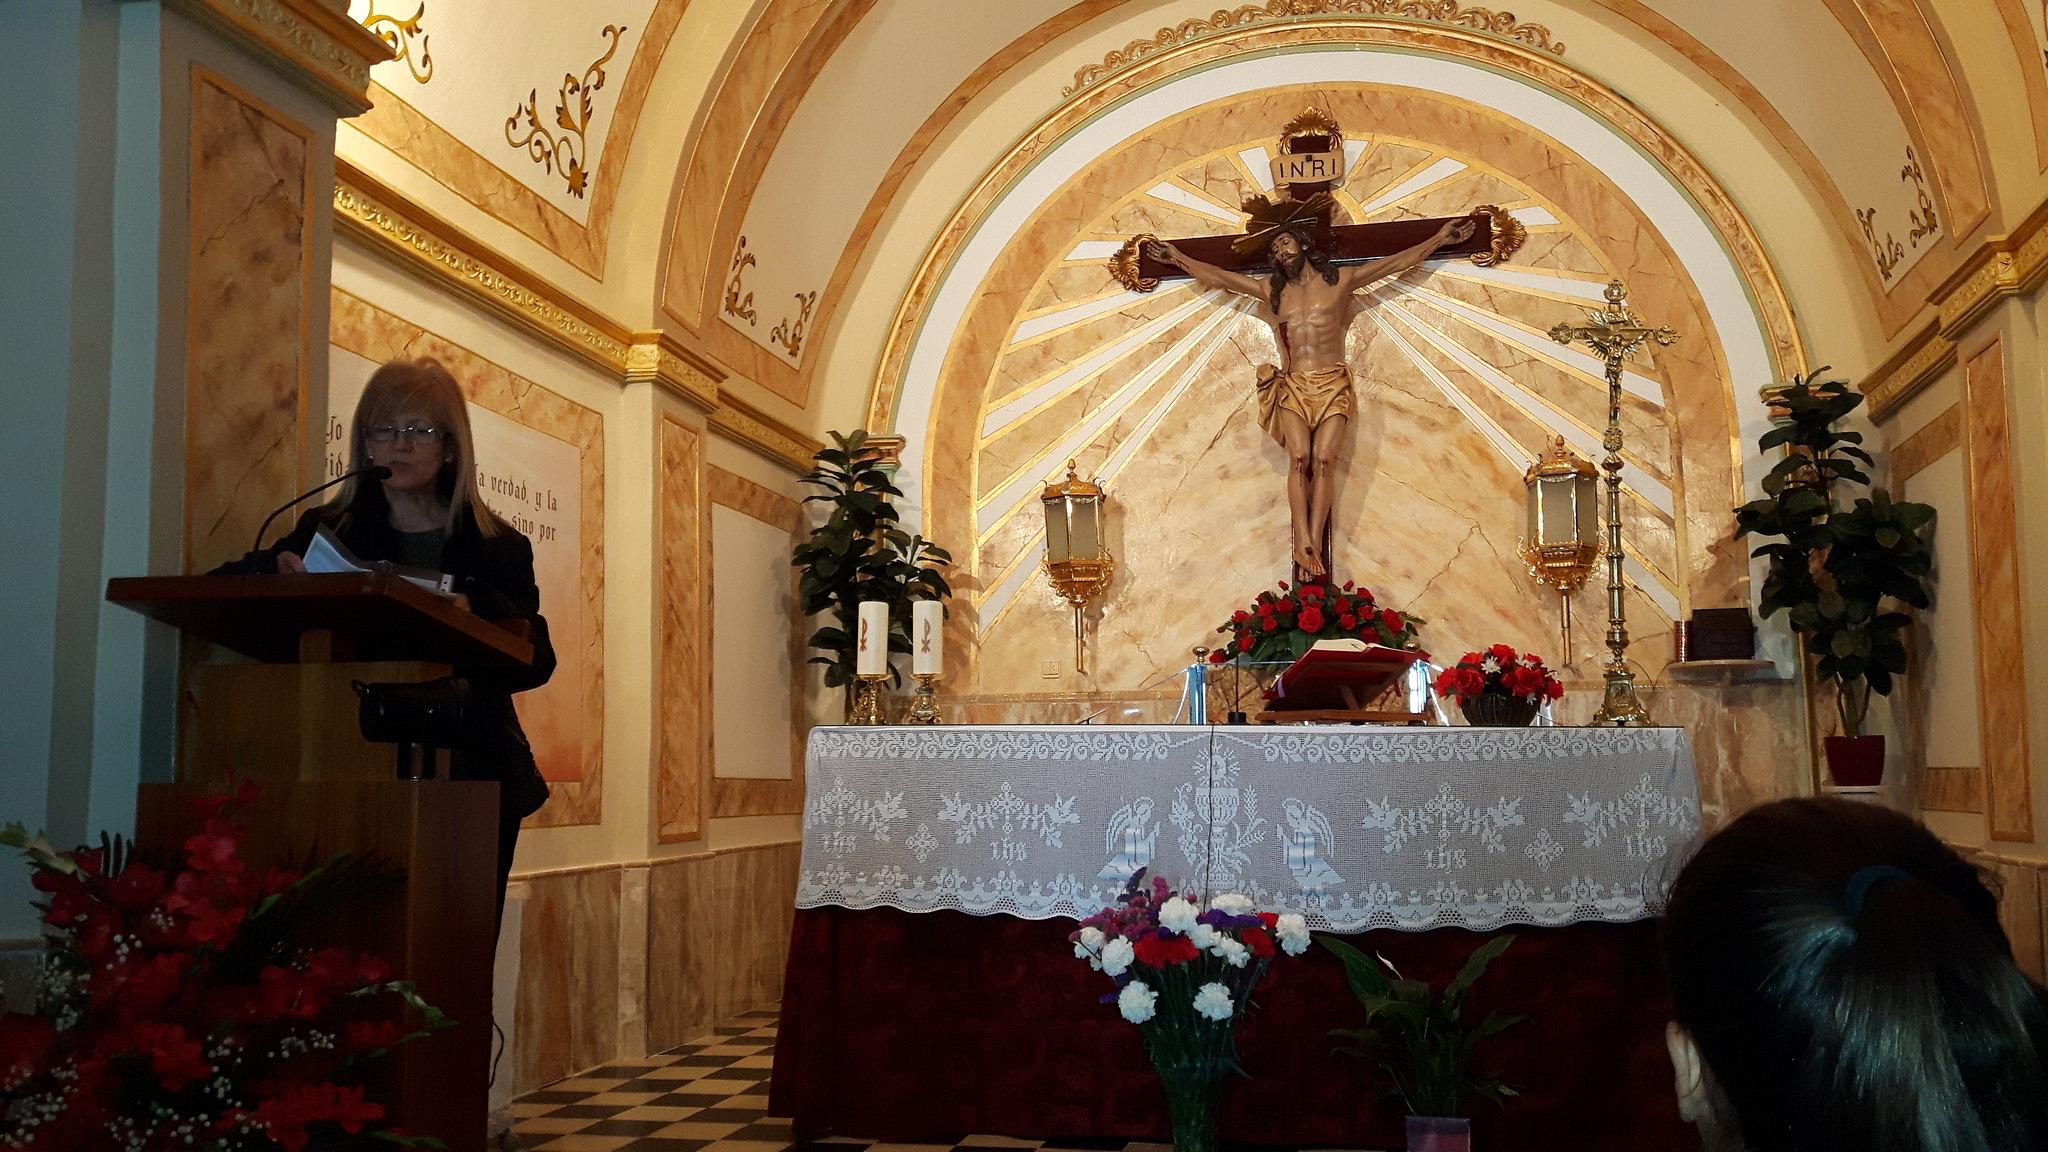 (2017-03-31) - Visita ermita alumnos Pilar, profesora religión 9 Octubre - Marzo -  María Isabel Berenguer Brotons (04)